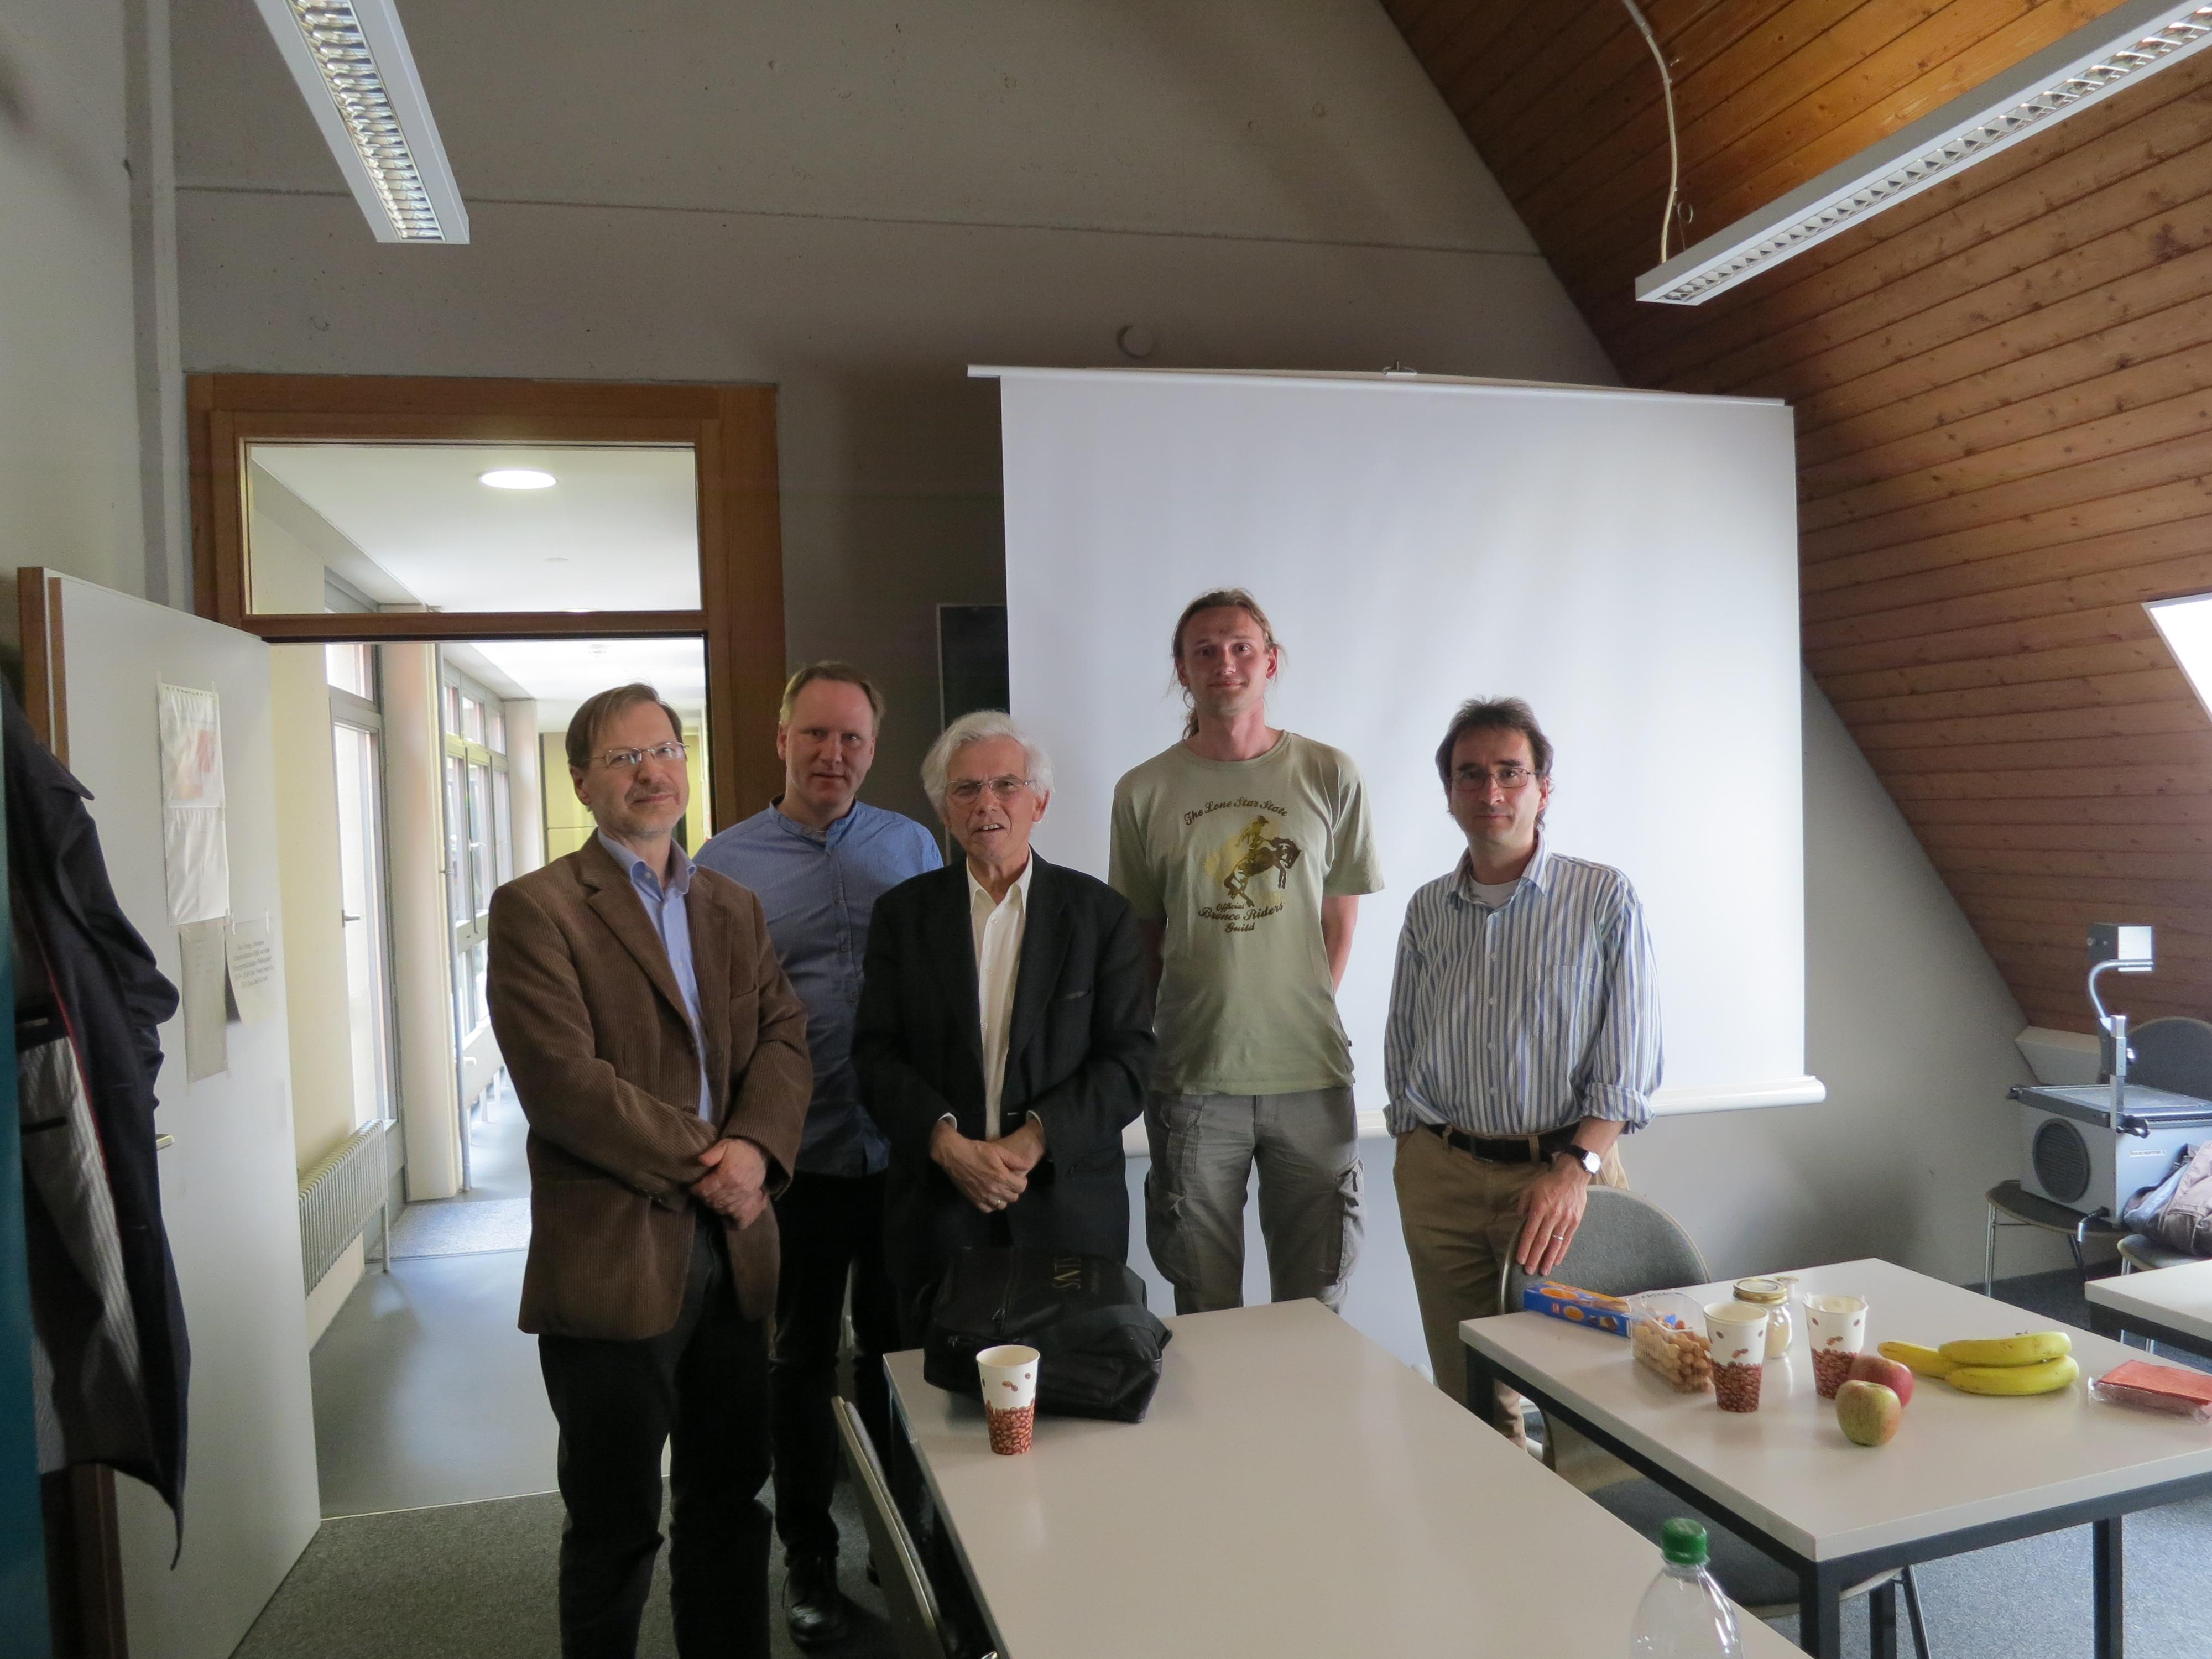 Risto Uro (left), Rikard Roitto, Gerd Theissen, Vojtech Kase and Istvan Czachesz